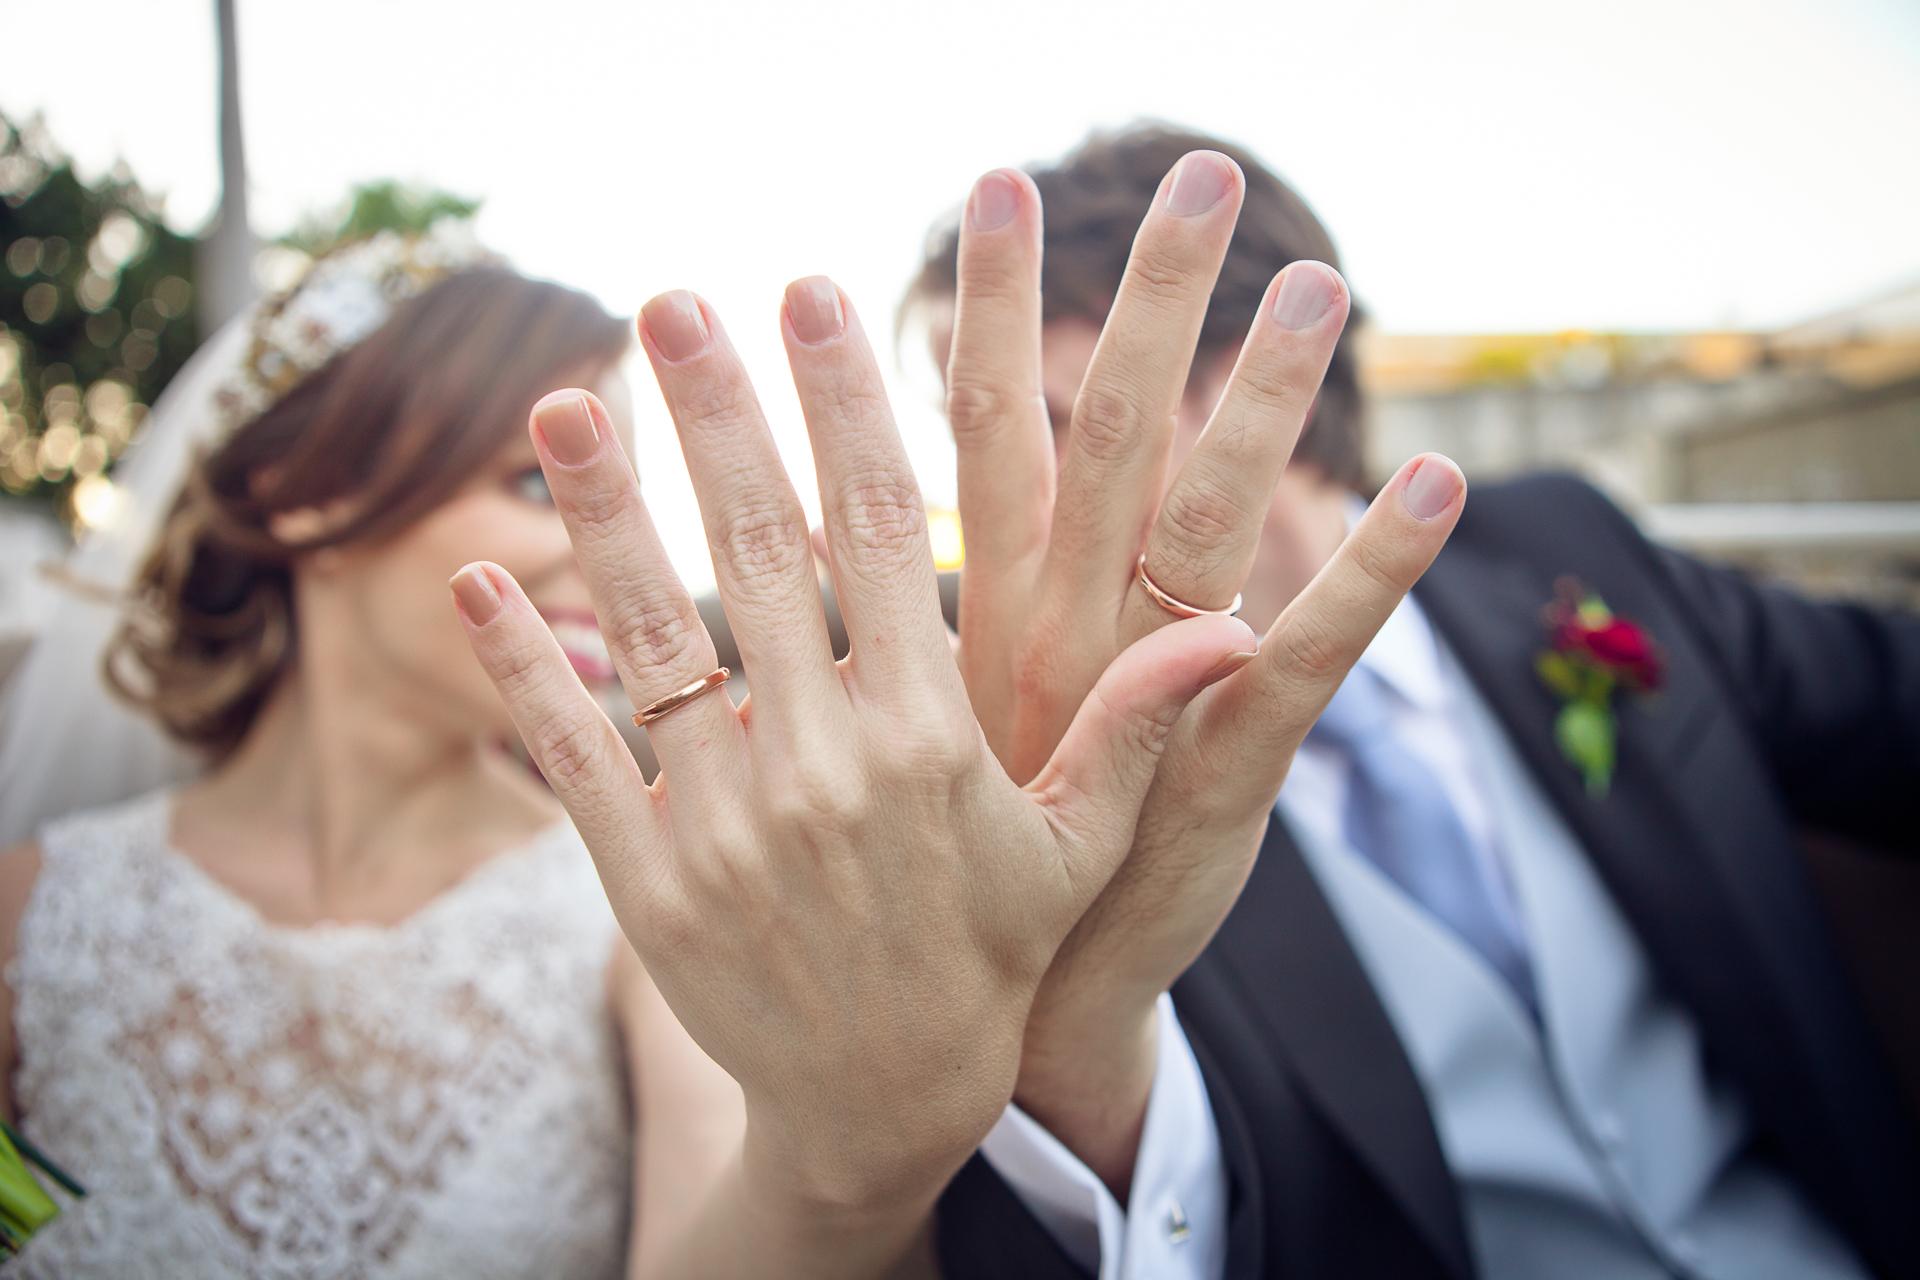 Contate Carol Salgado Imagens - Fotografia de Casamento - (31) 98409-2258